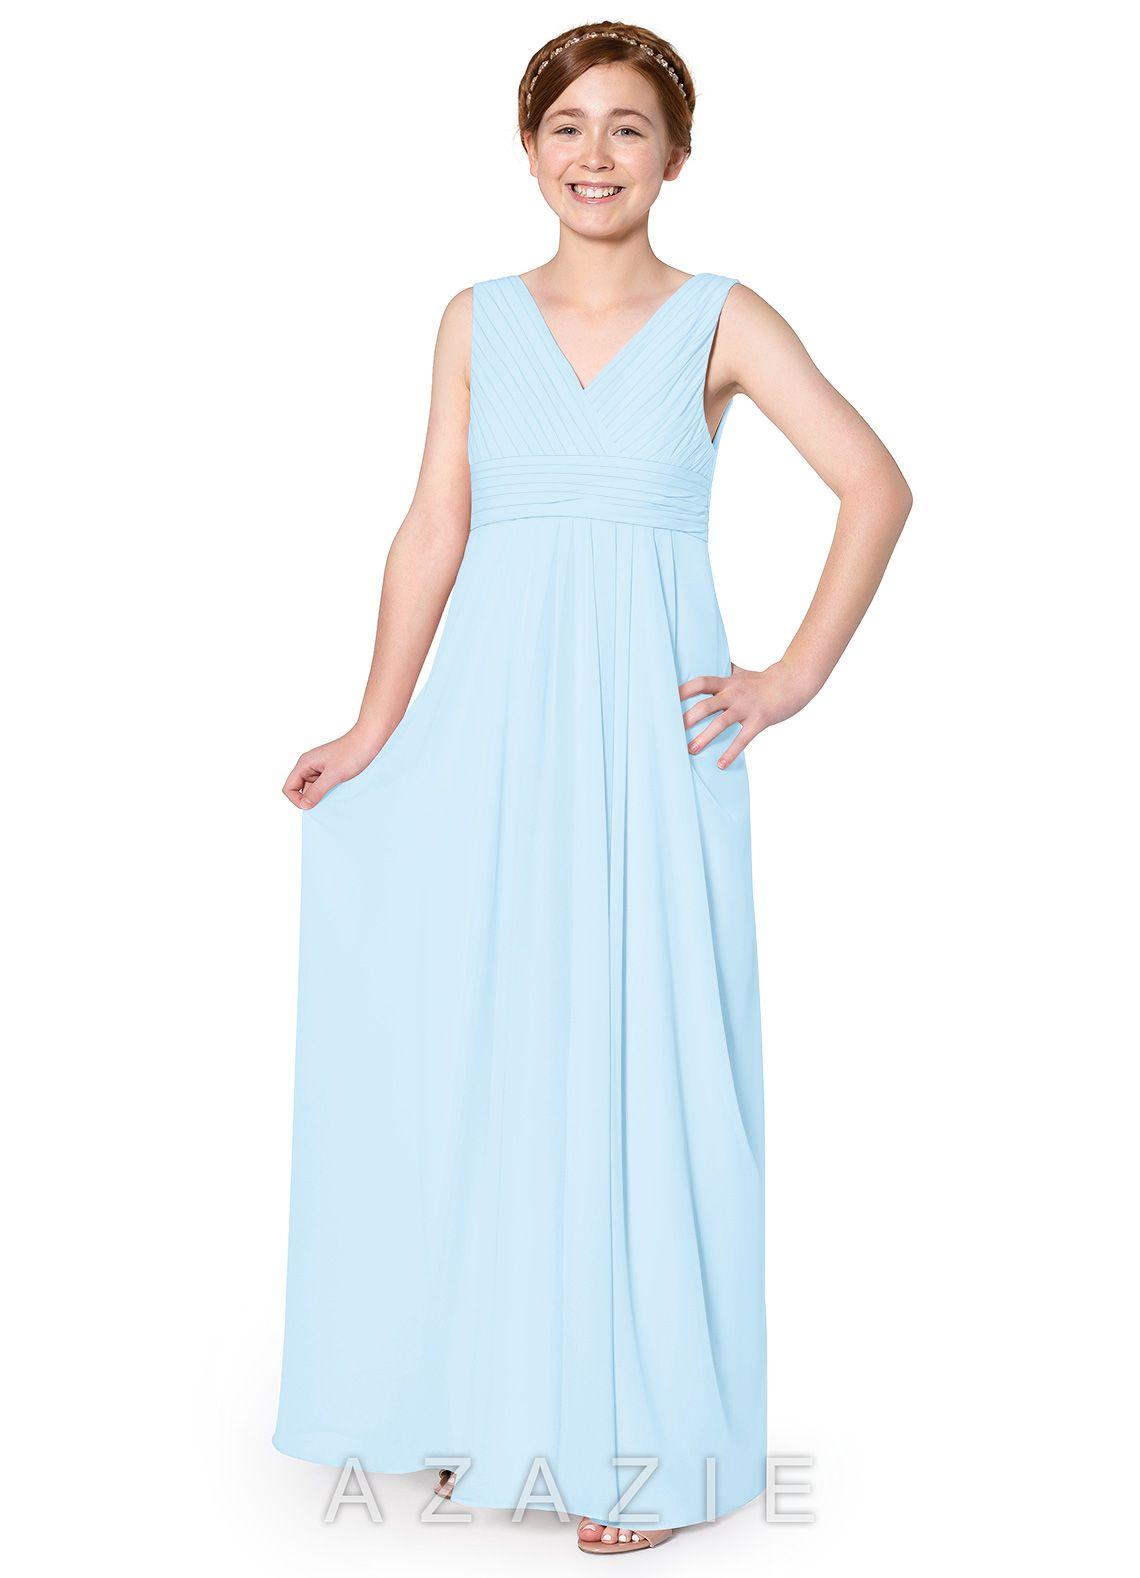 3e1e34aa085 Azazie Zoe JBD Junior Bridesmaid Dress